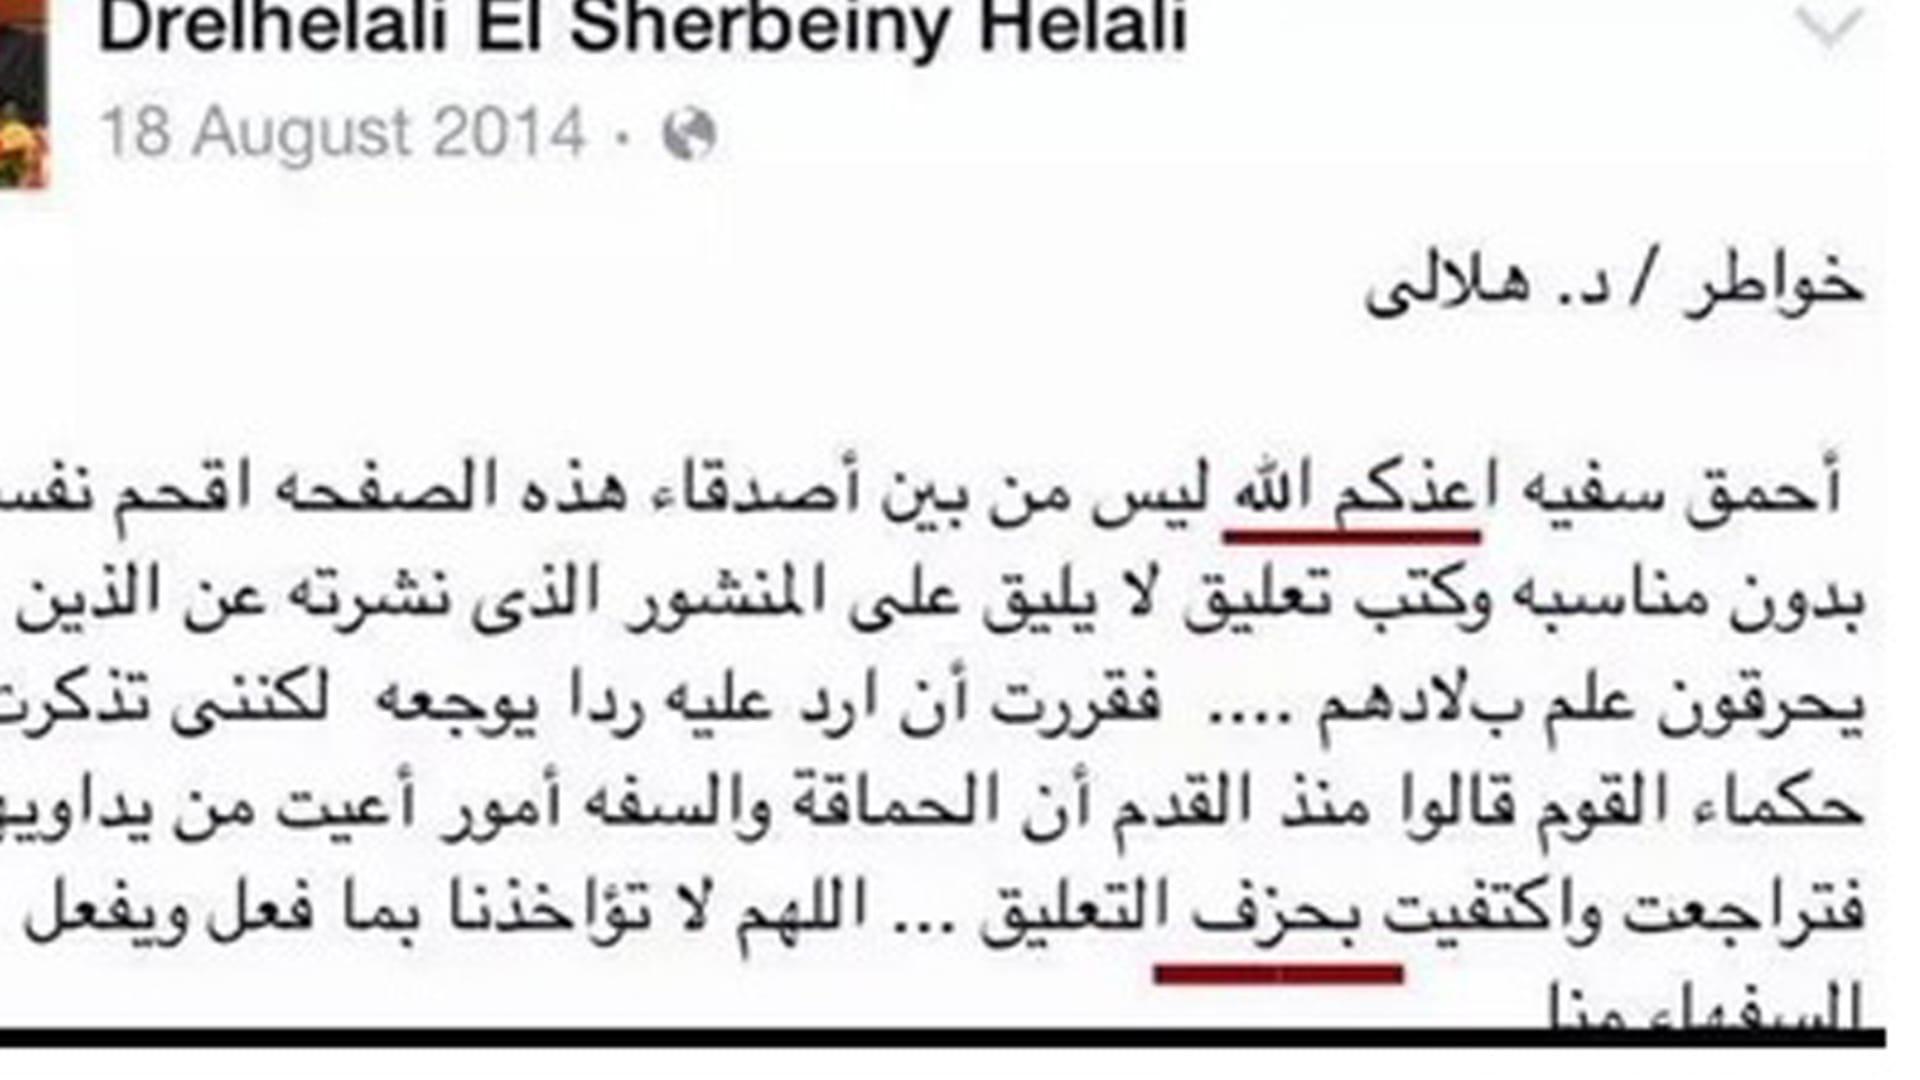 أخطاء وزير التعليم المصري الجديد الفيسبوكية تشعل مواقع التواصل